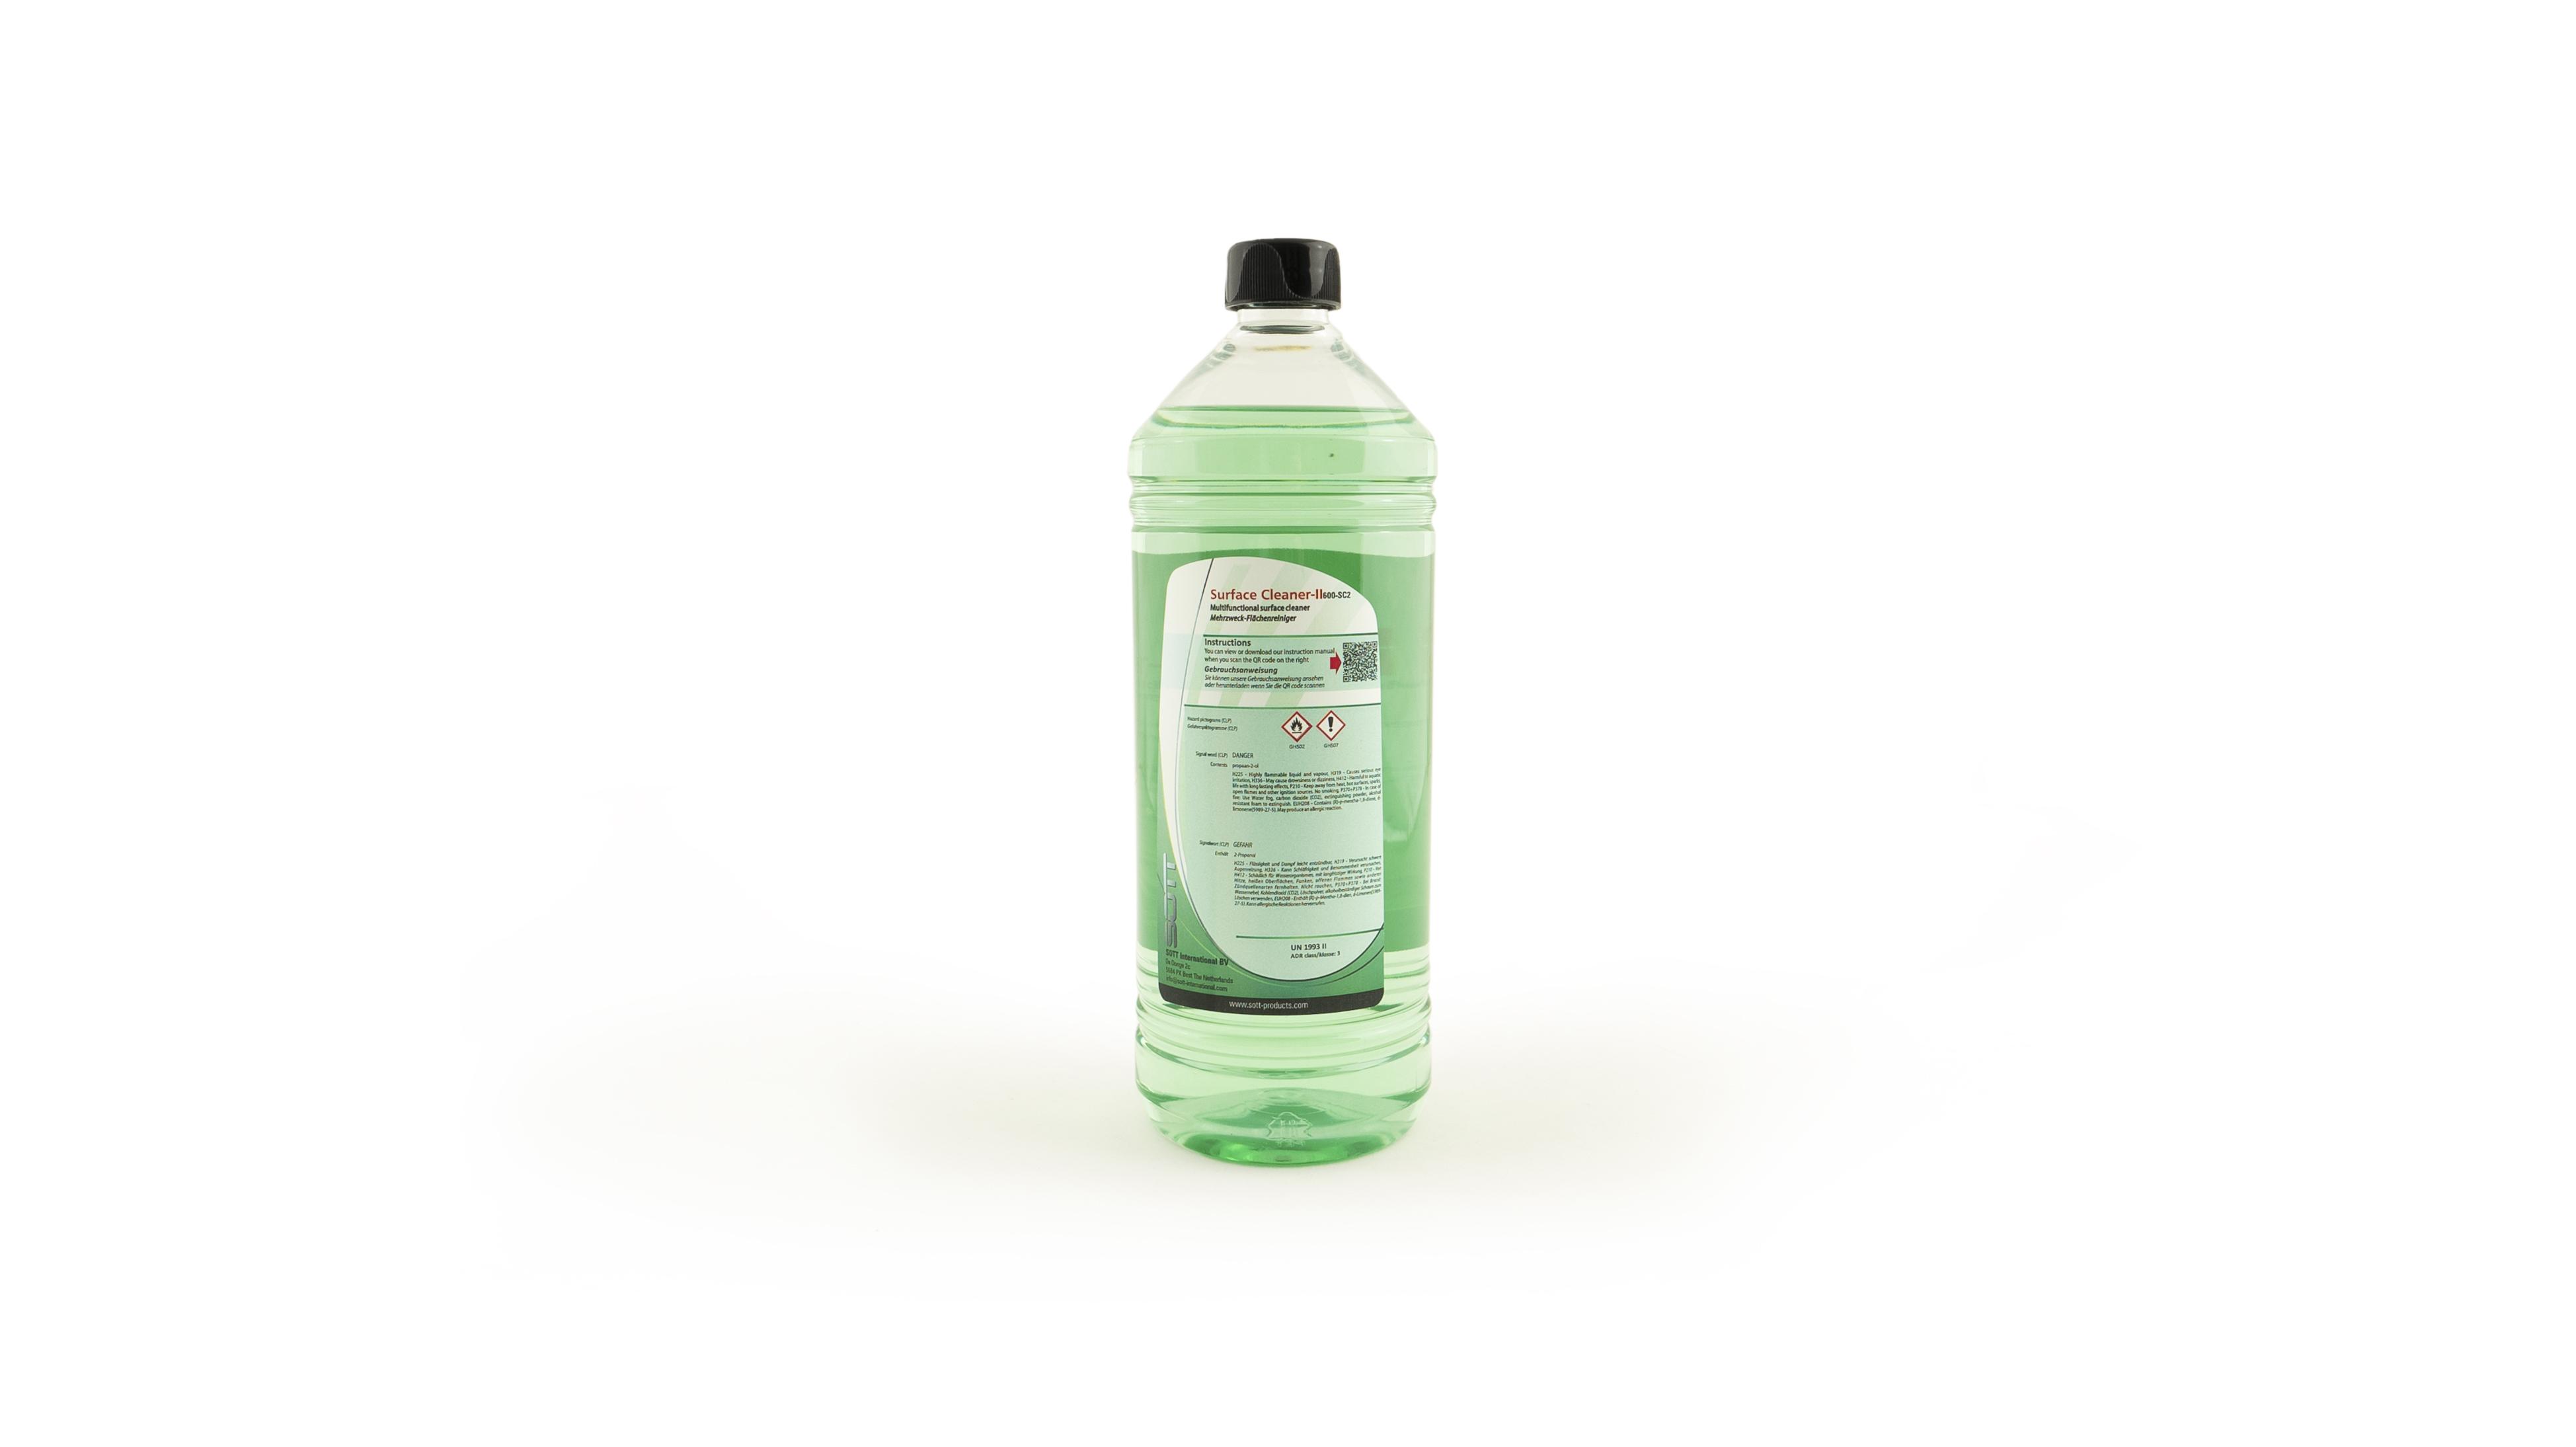 Sott Oberflächenreiniger Cleaner W-RE-100